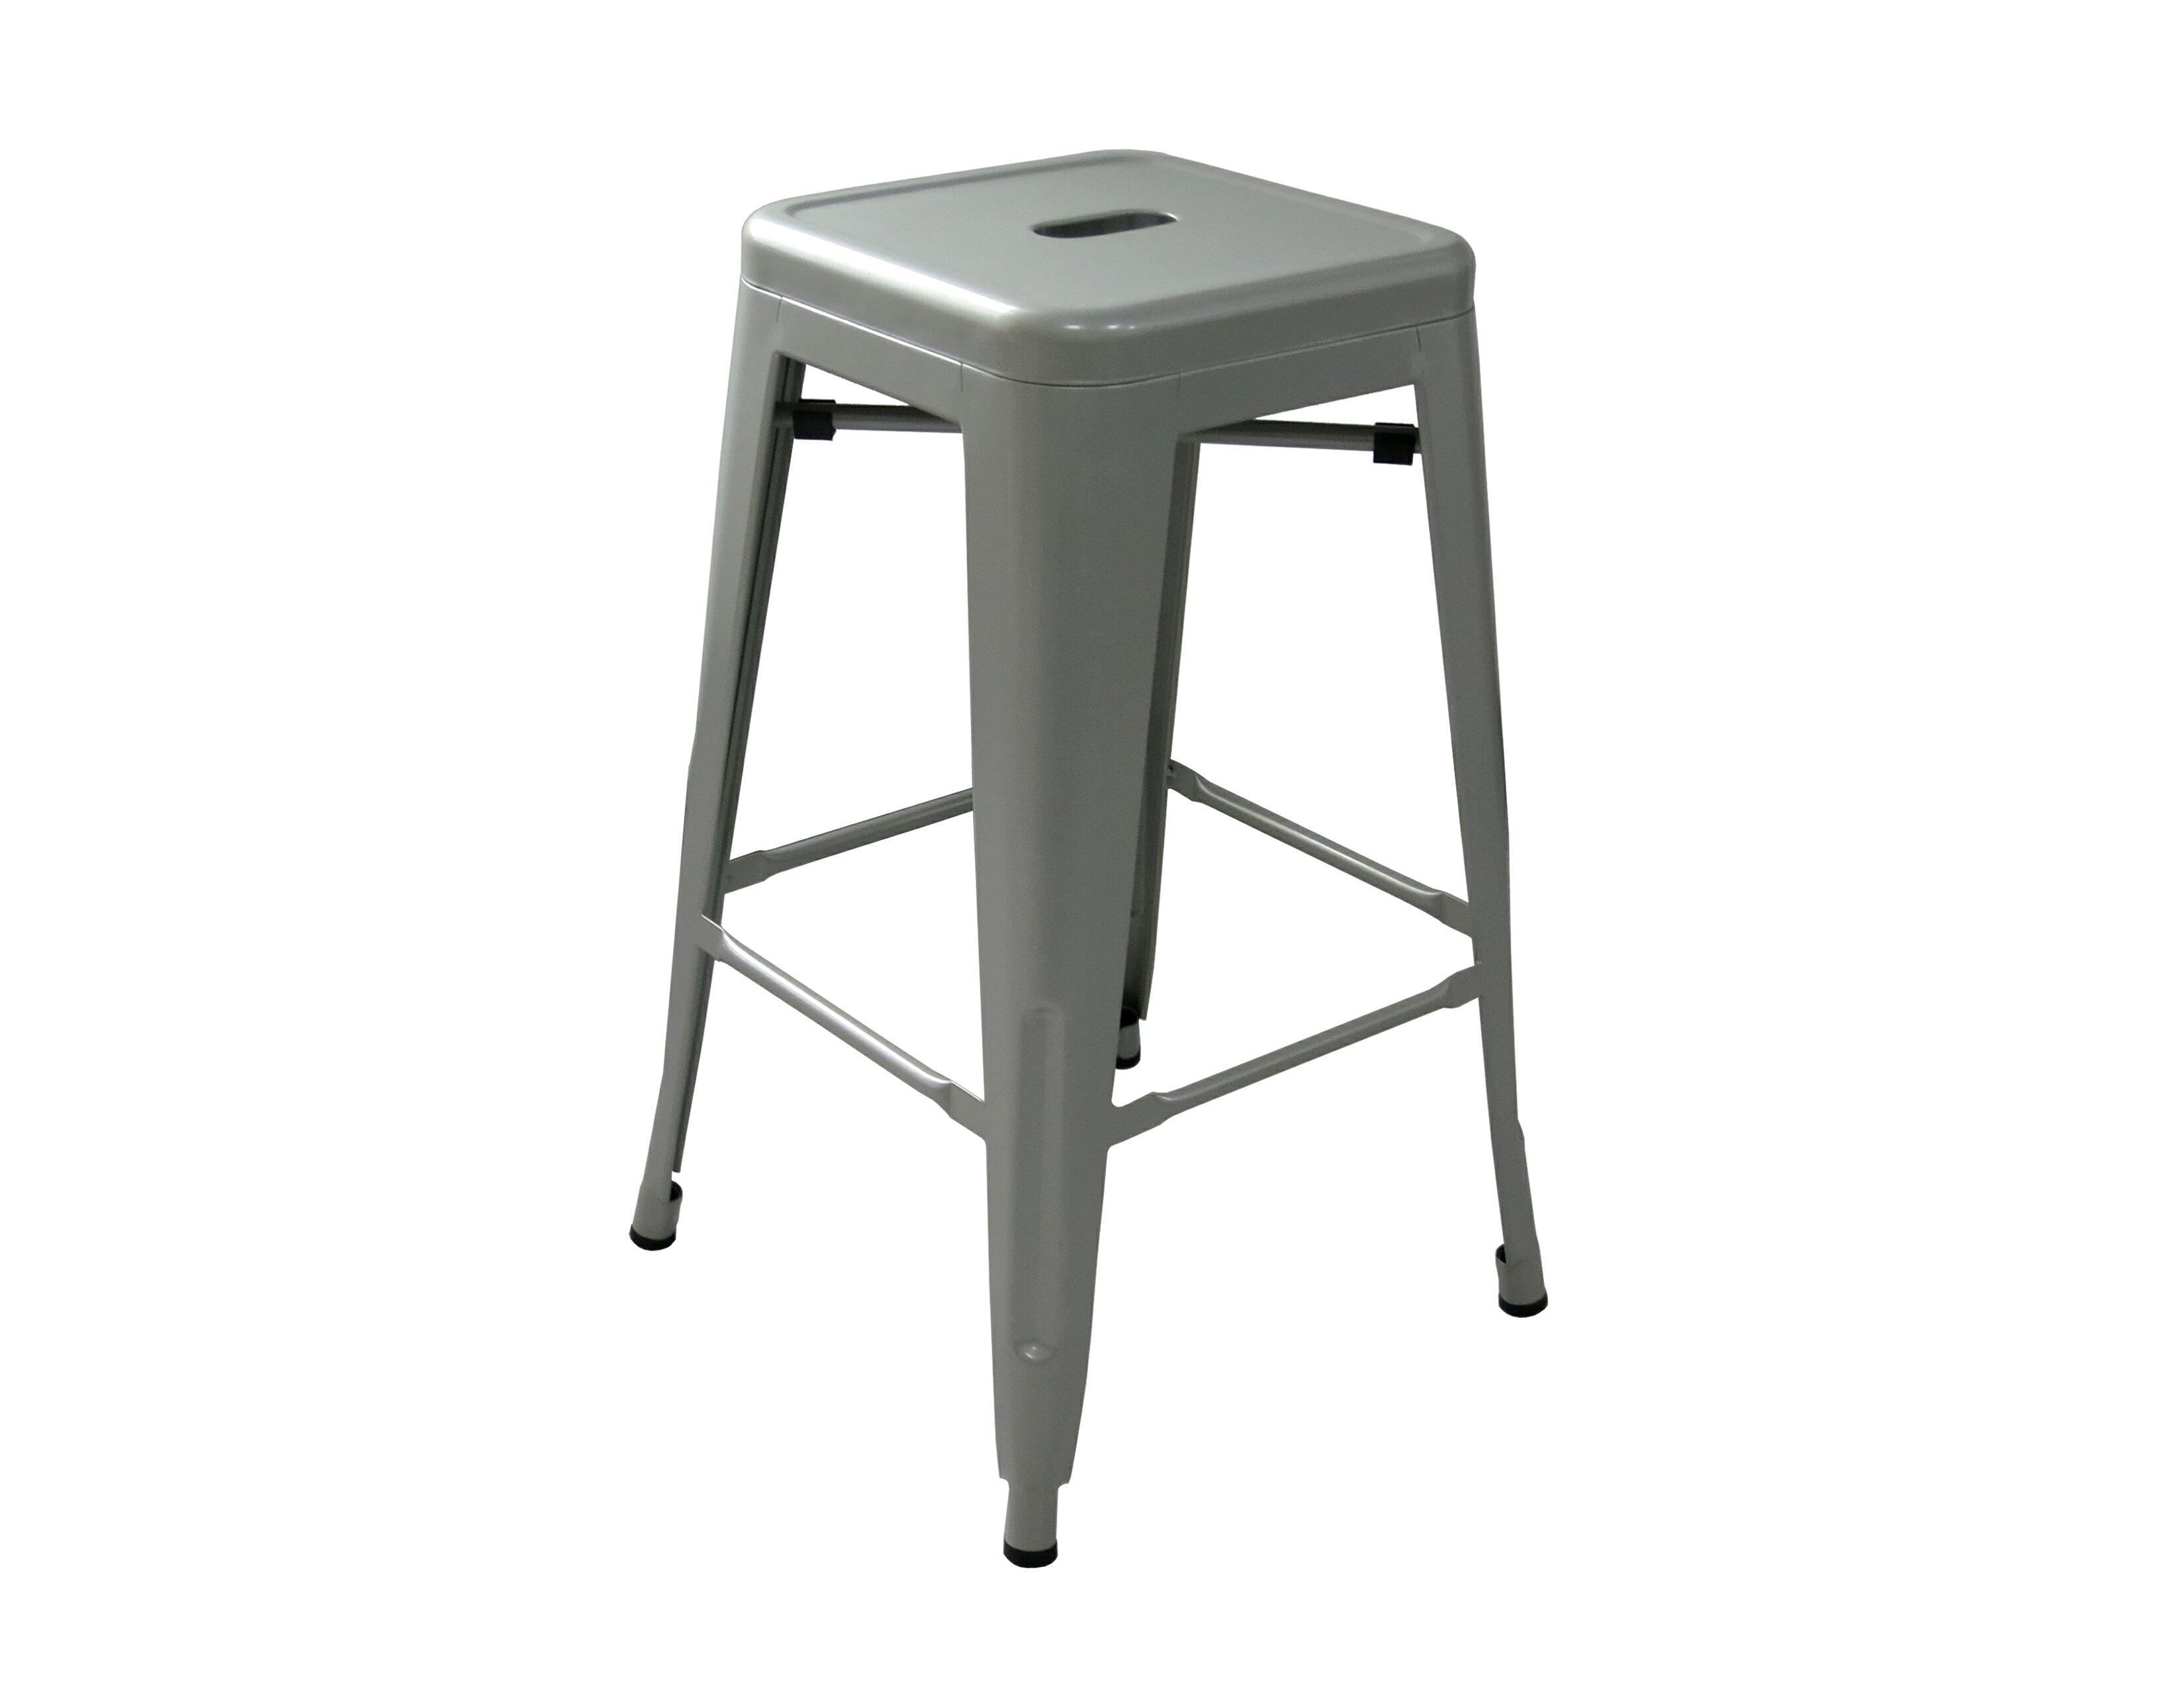 《奧莉薇》銀色 工業風 loft 亮面 中吧檯椅 鐵椅 餐椅 高凳 tolix 復古 鐵皮 美式 六色 !新生活家具! 樂天雙12